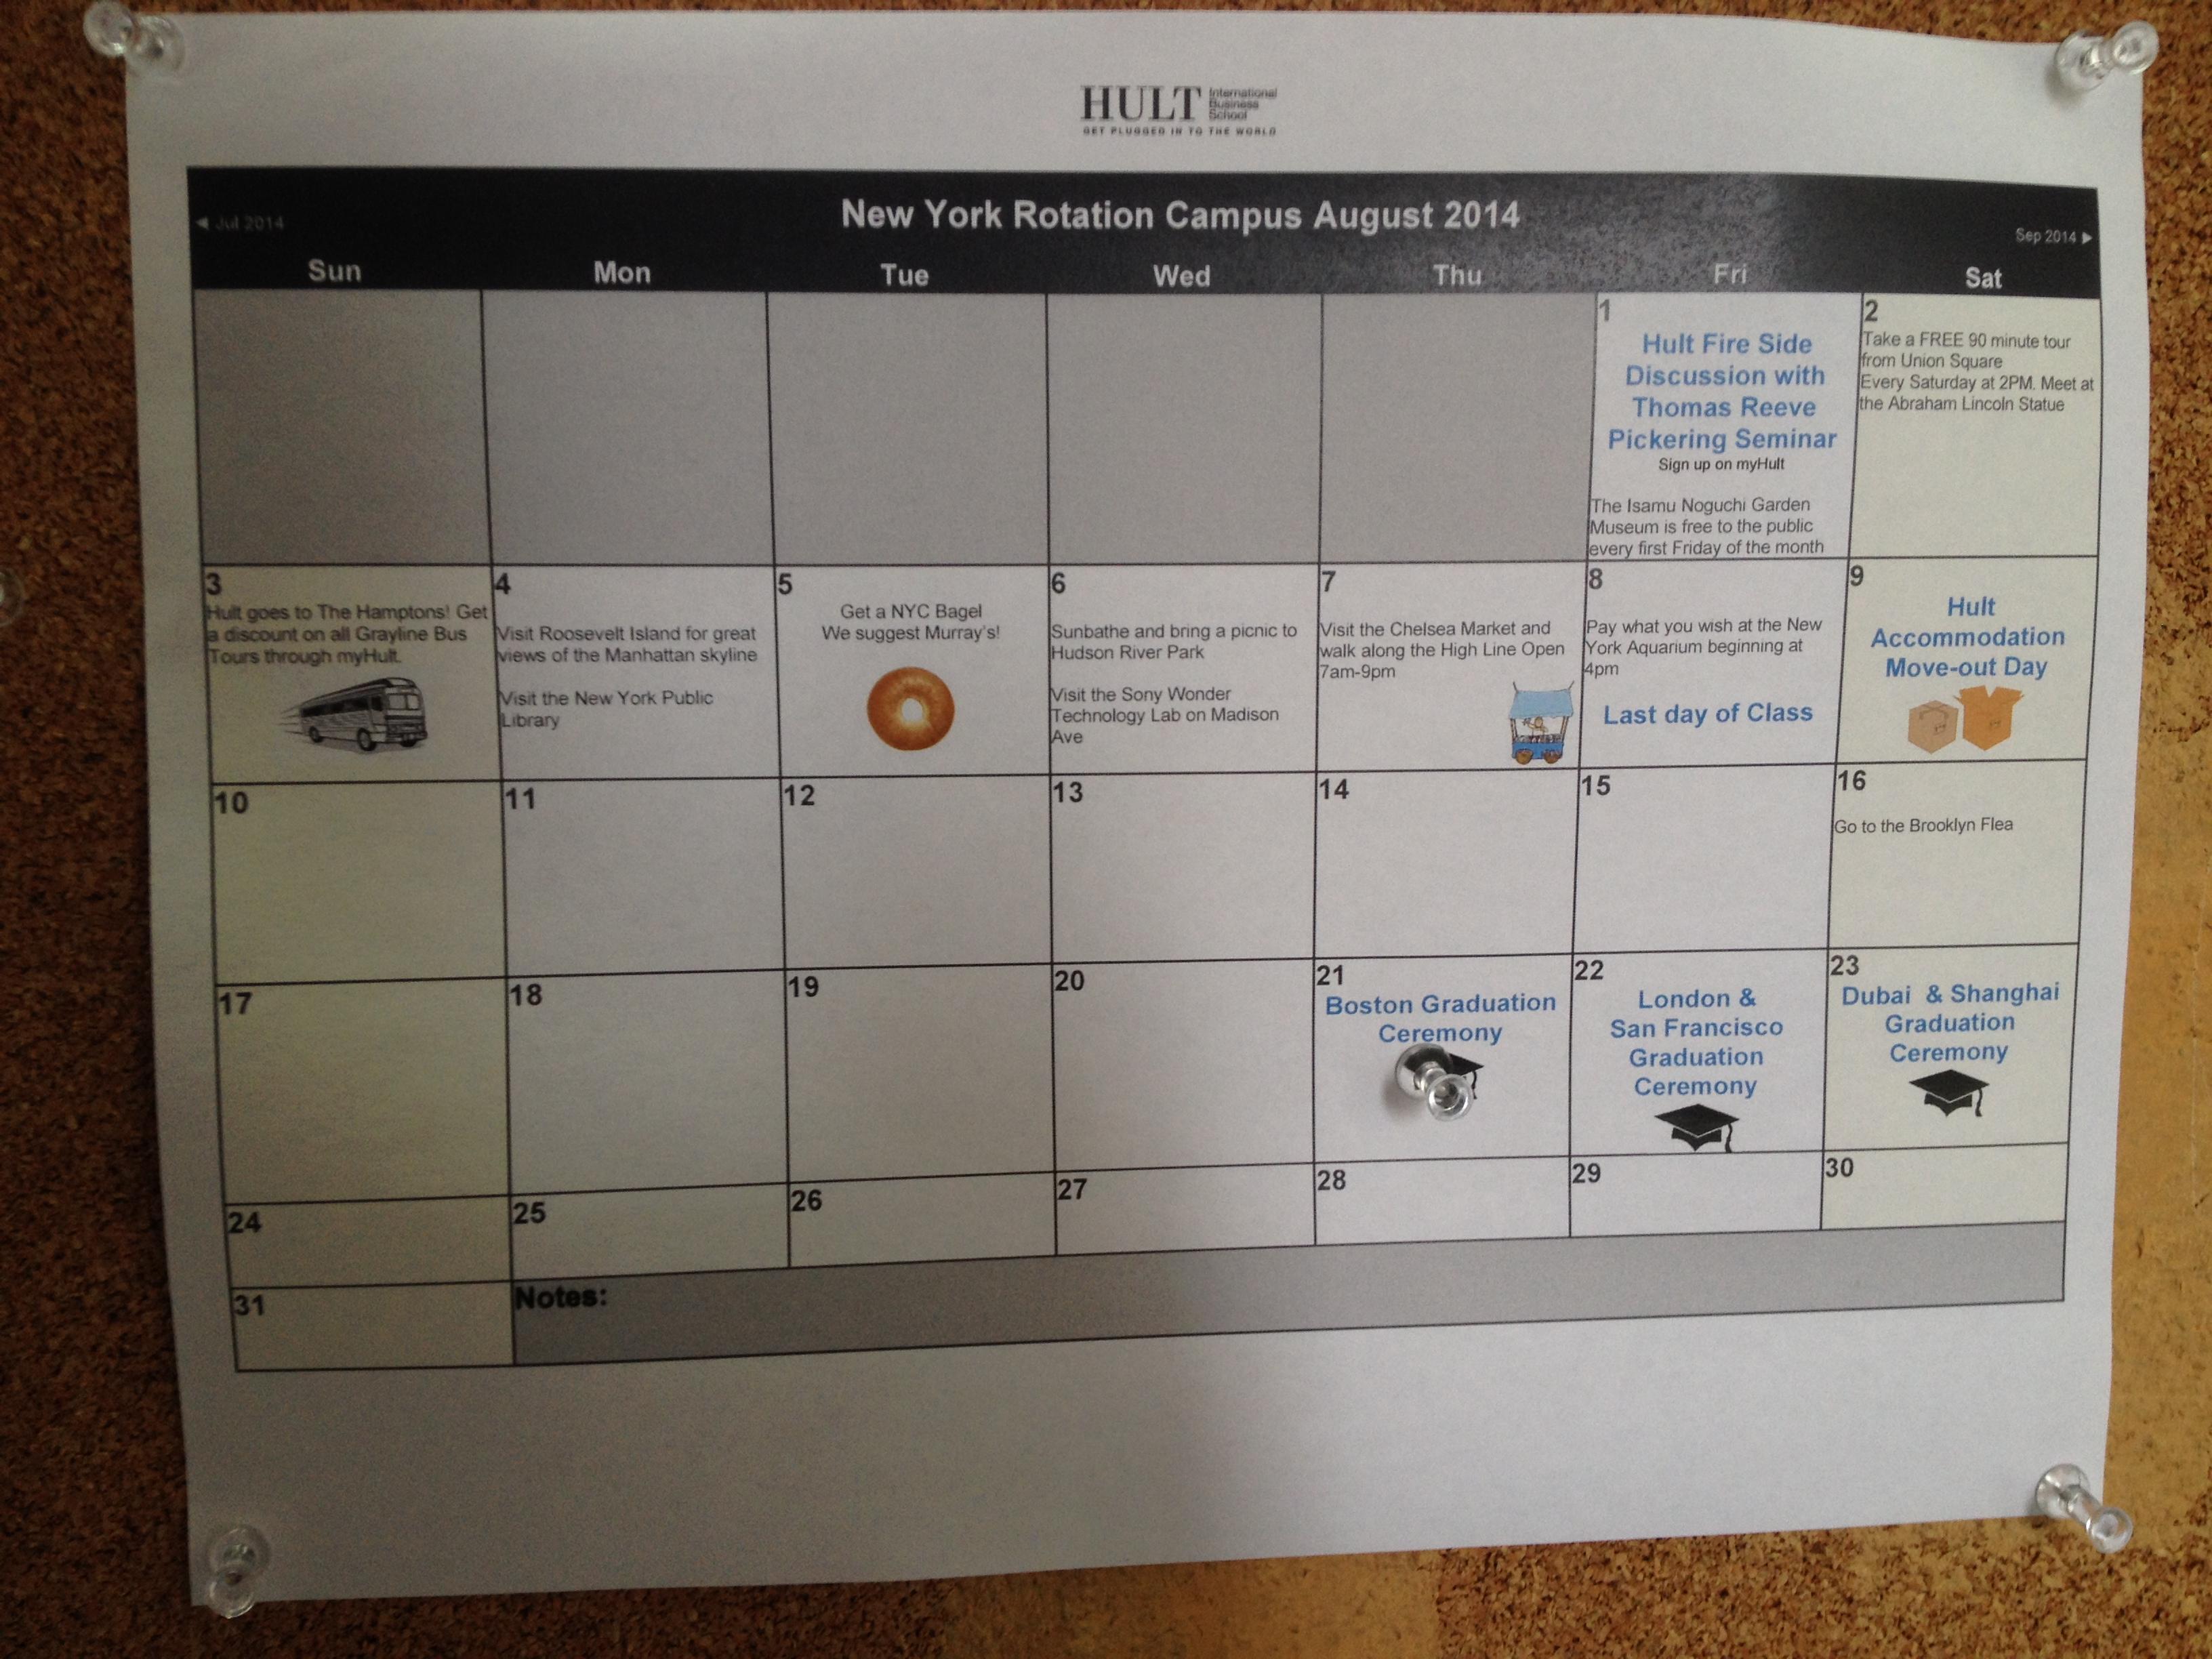 Hultニューヨーク・イベントカレンダー(2)